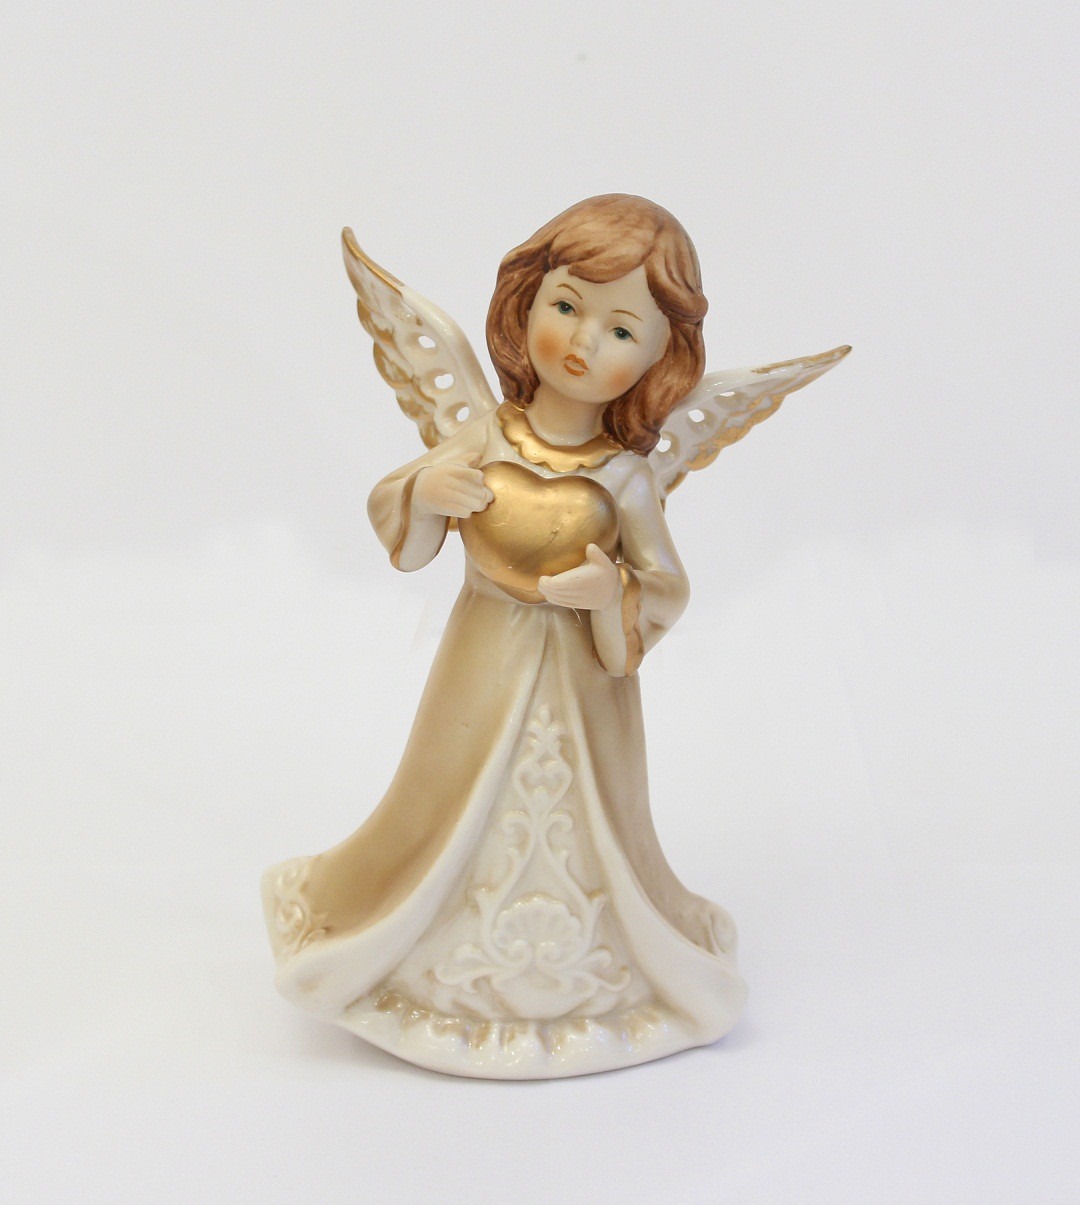 Статуэтка Ангелочек с сердцем. Ручная работа, Италия